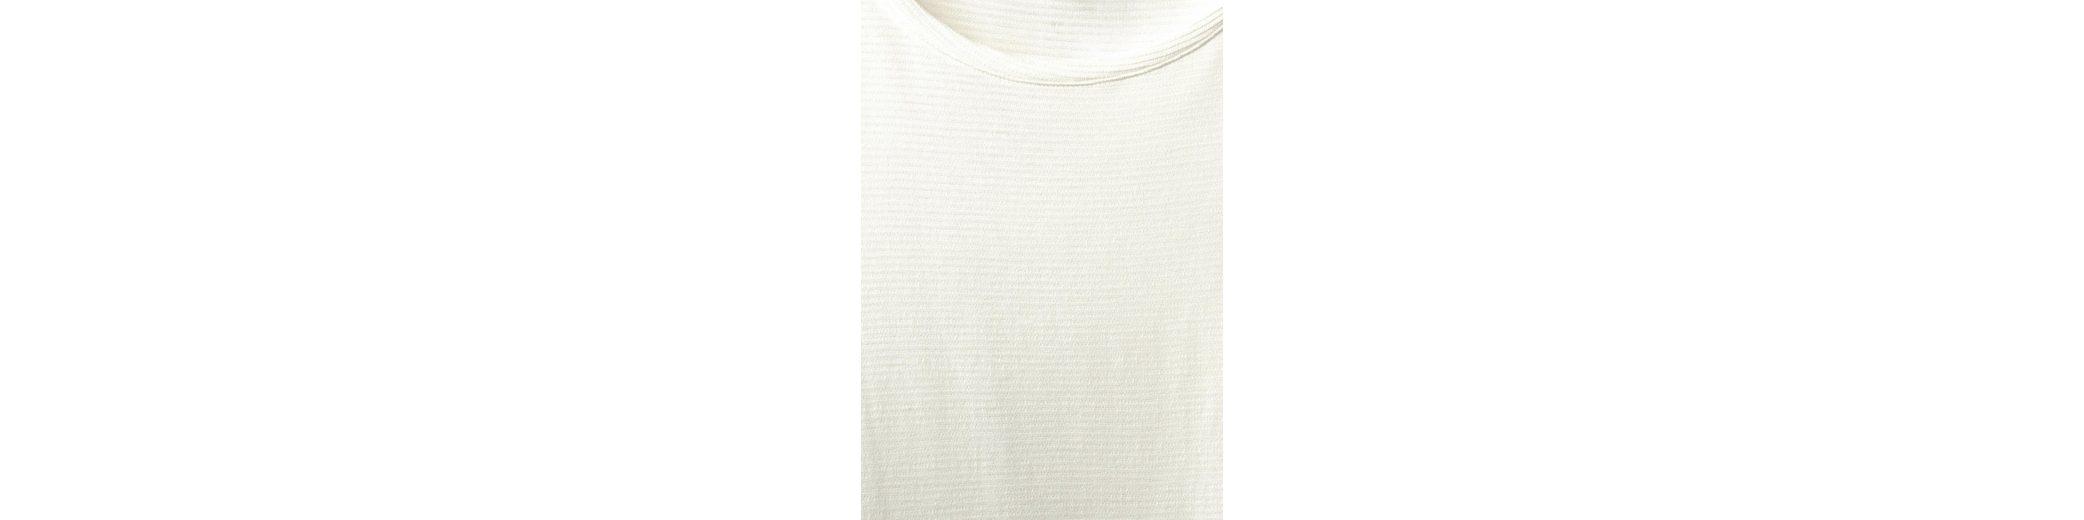 Rabatt Billigsten Rabatt Extrem Street One Streifen Struktur Shirt Billig Verkauf Offiziell Spielraum Extrem Sammlungen Günstiger Preis HRAyVPS